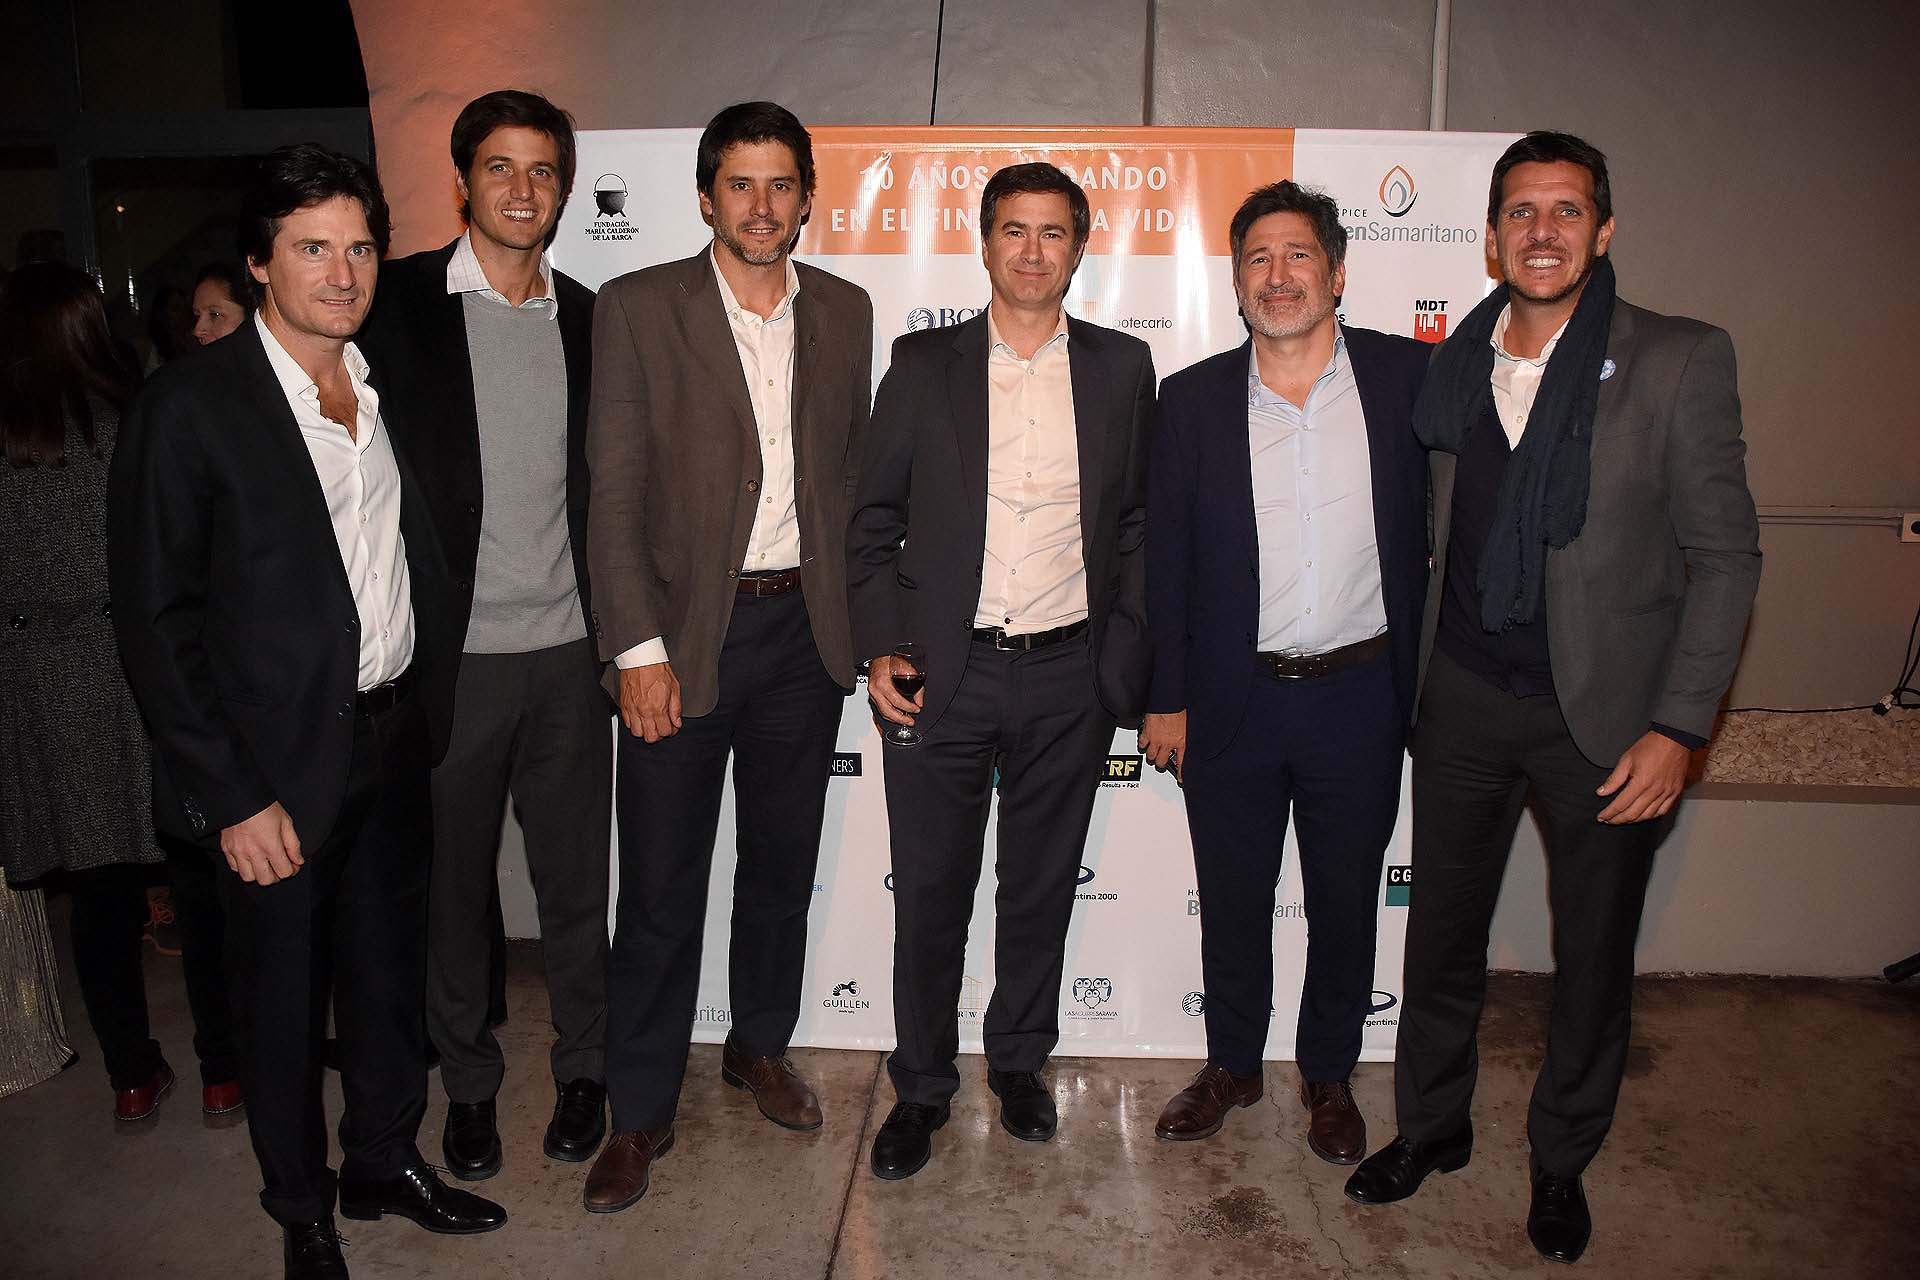 Adrián Meszaros recibió a Eduardo Bastita, CEO de Plaza Logística; Santos Uribelarrea, accionista de MSU Energy; Gonzalo Aguirre, vicepresidente de Finance Global Patagonia; Matías Puelles y Javier Rovira (Banco Hipotecario) /// Fotos: Nicolás Stulberg